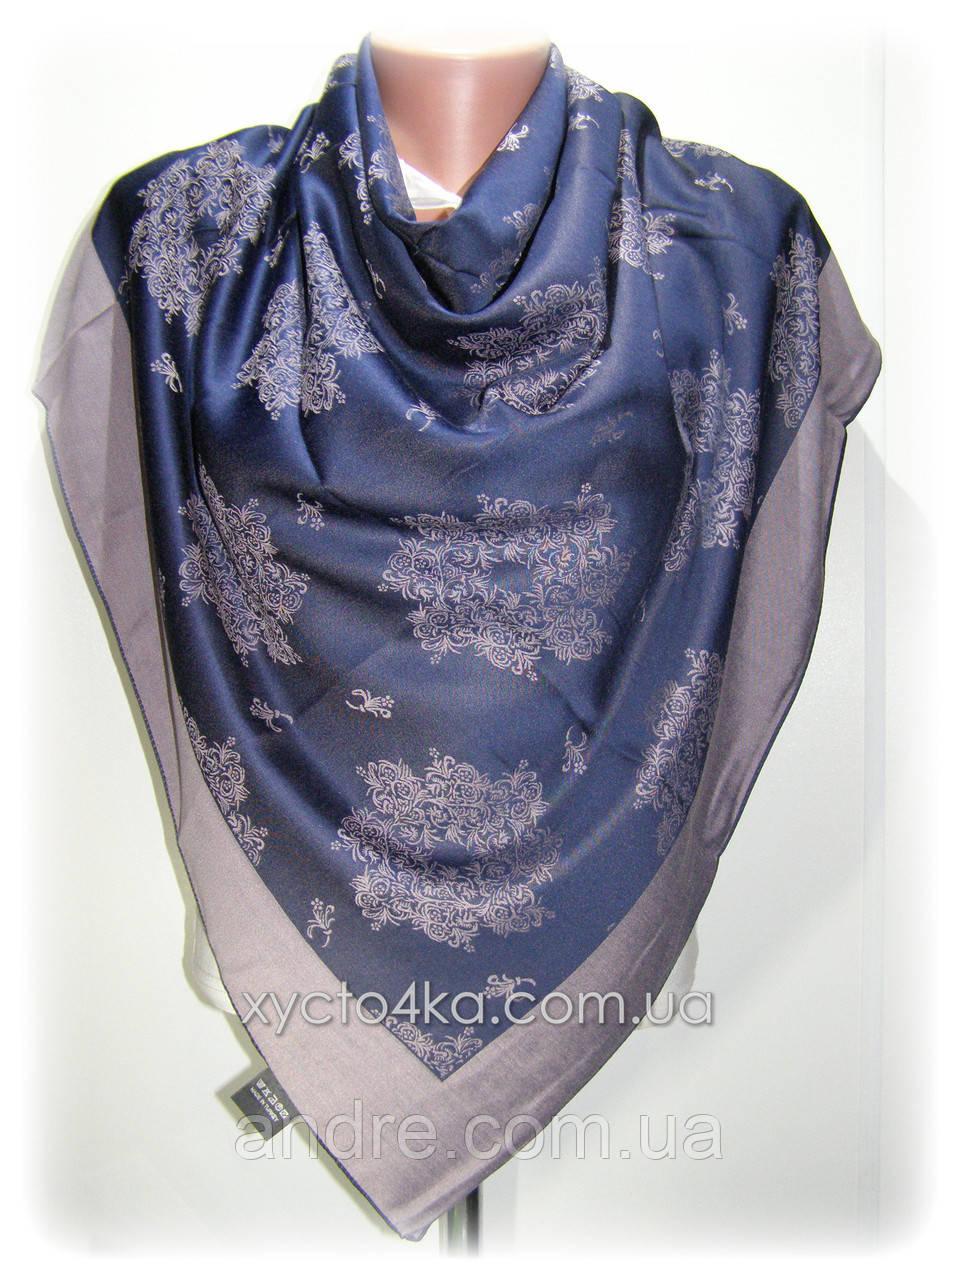 Двусторонний шелковый платок Хамелеон, тёмно синий